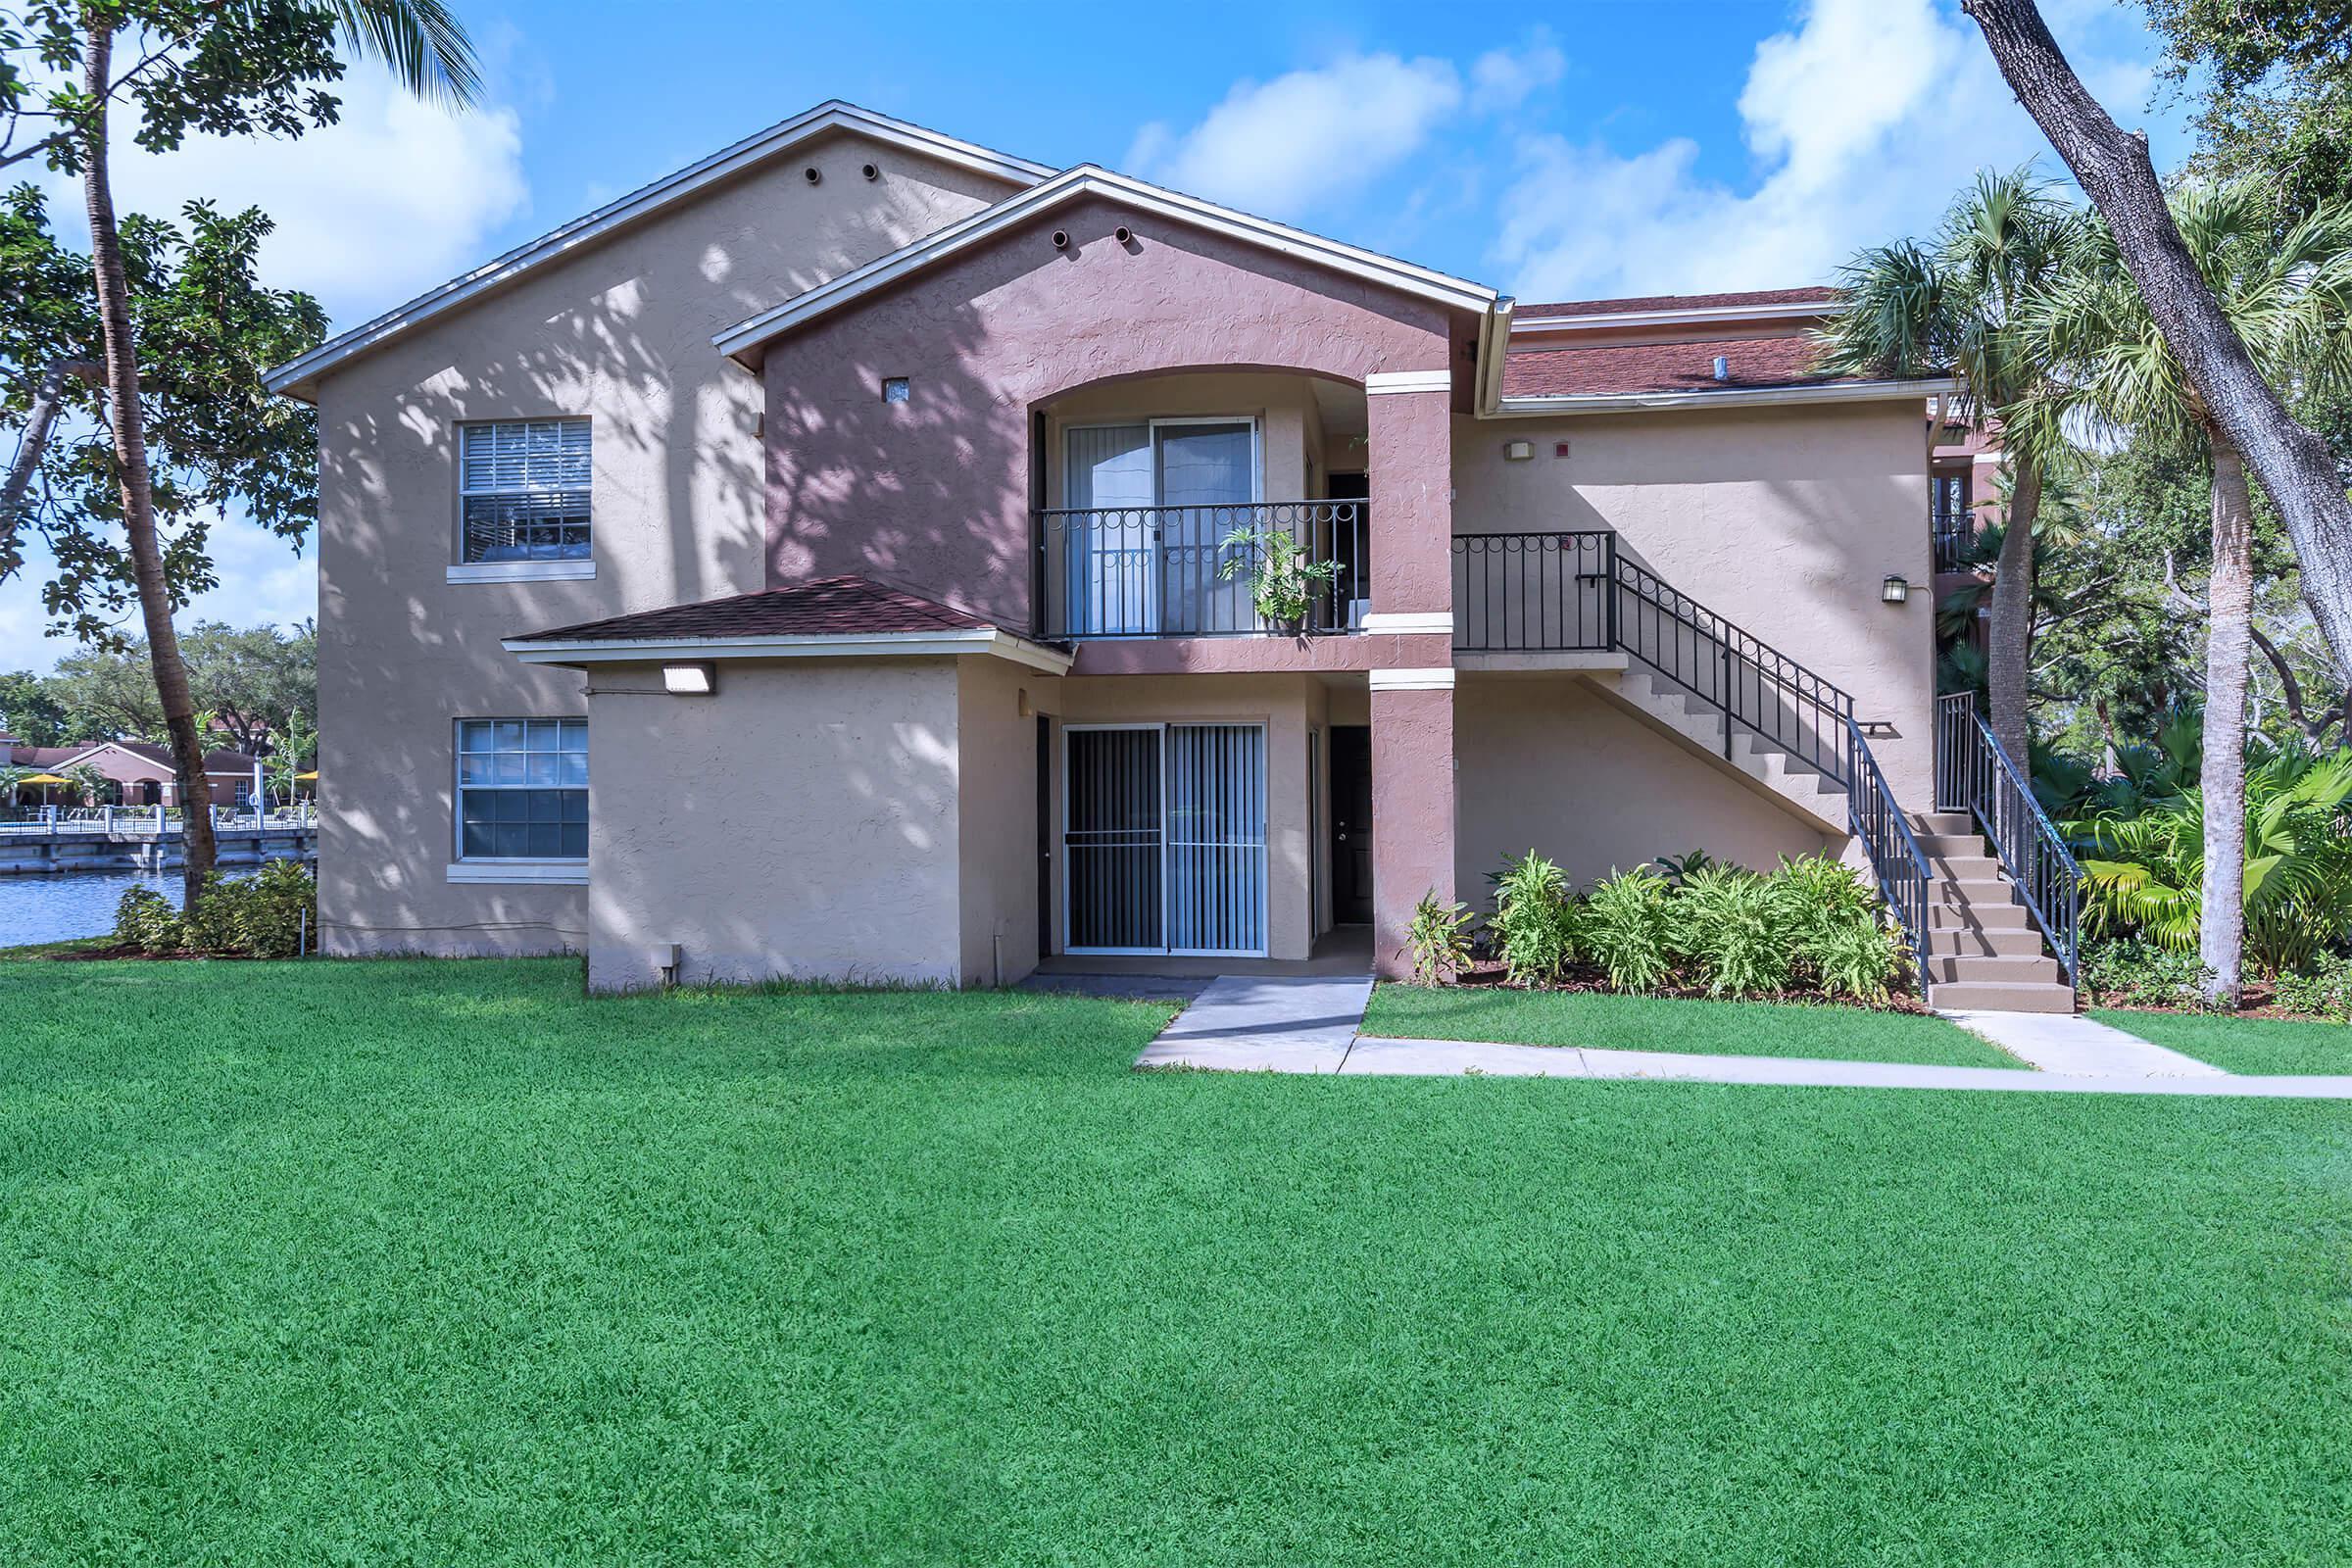 Landscaping at Latitude Pointe Apartments in Boynton Beach, Florida